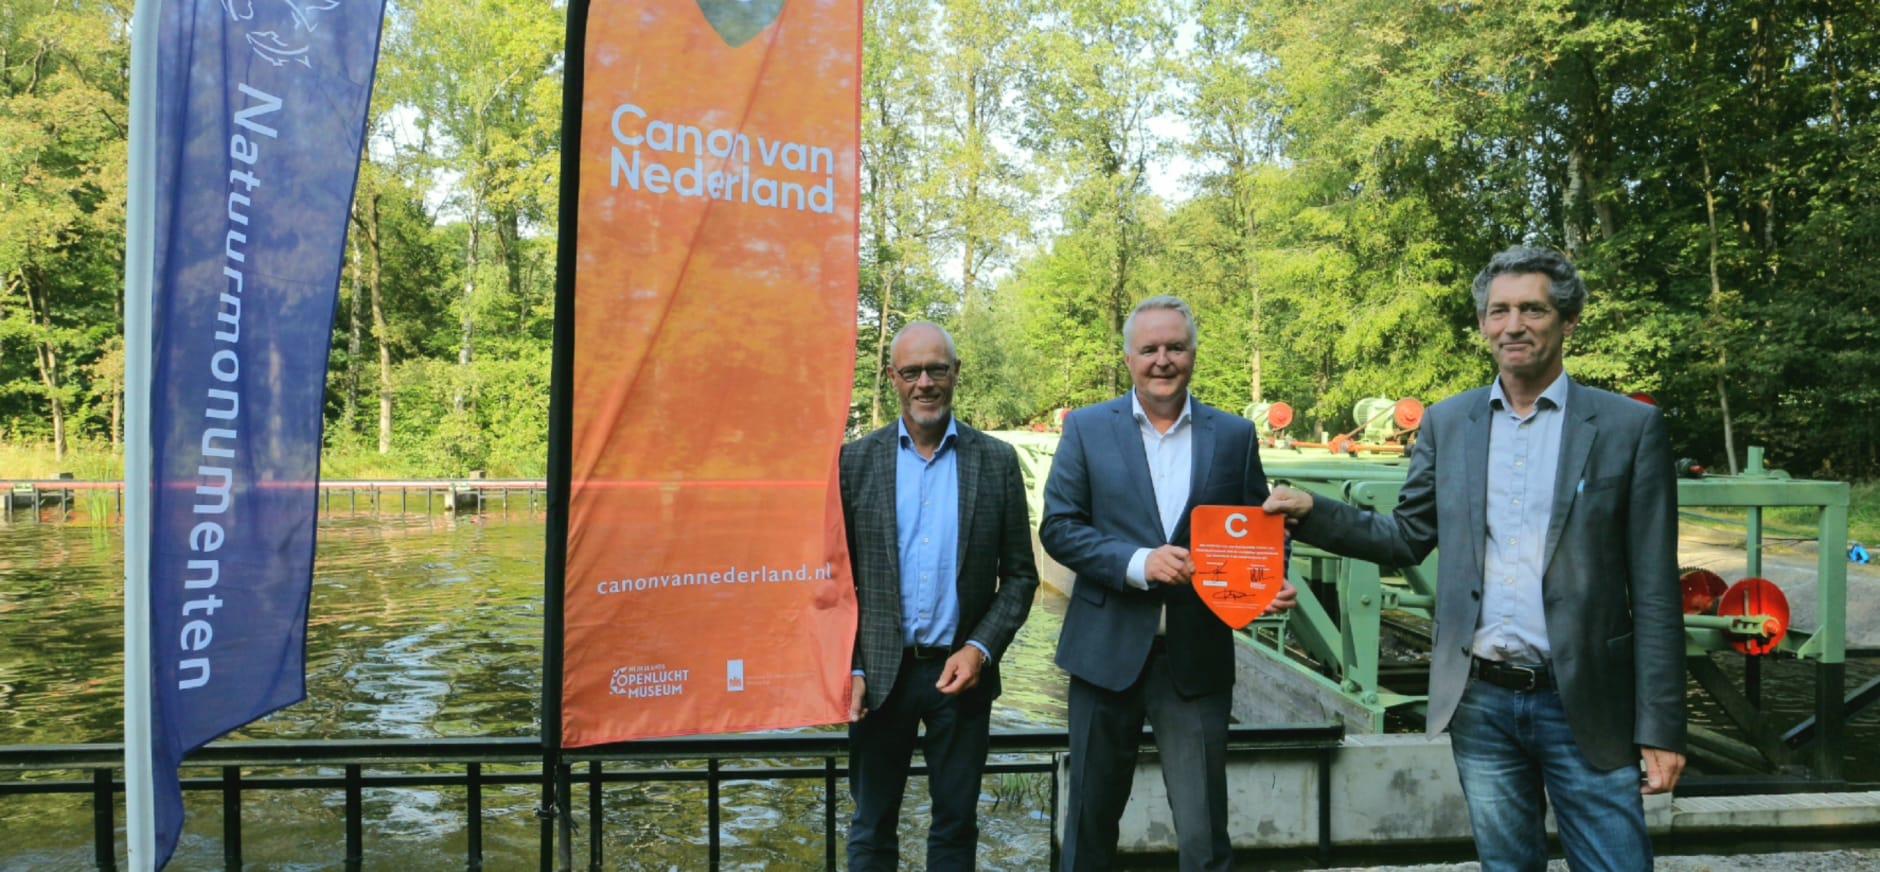 Aansluiting Waterloopbos bij Canon van Nederland-netwerk